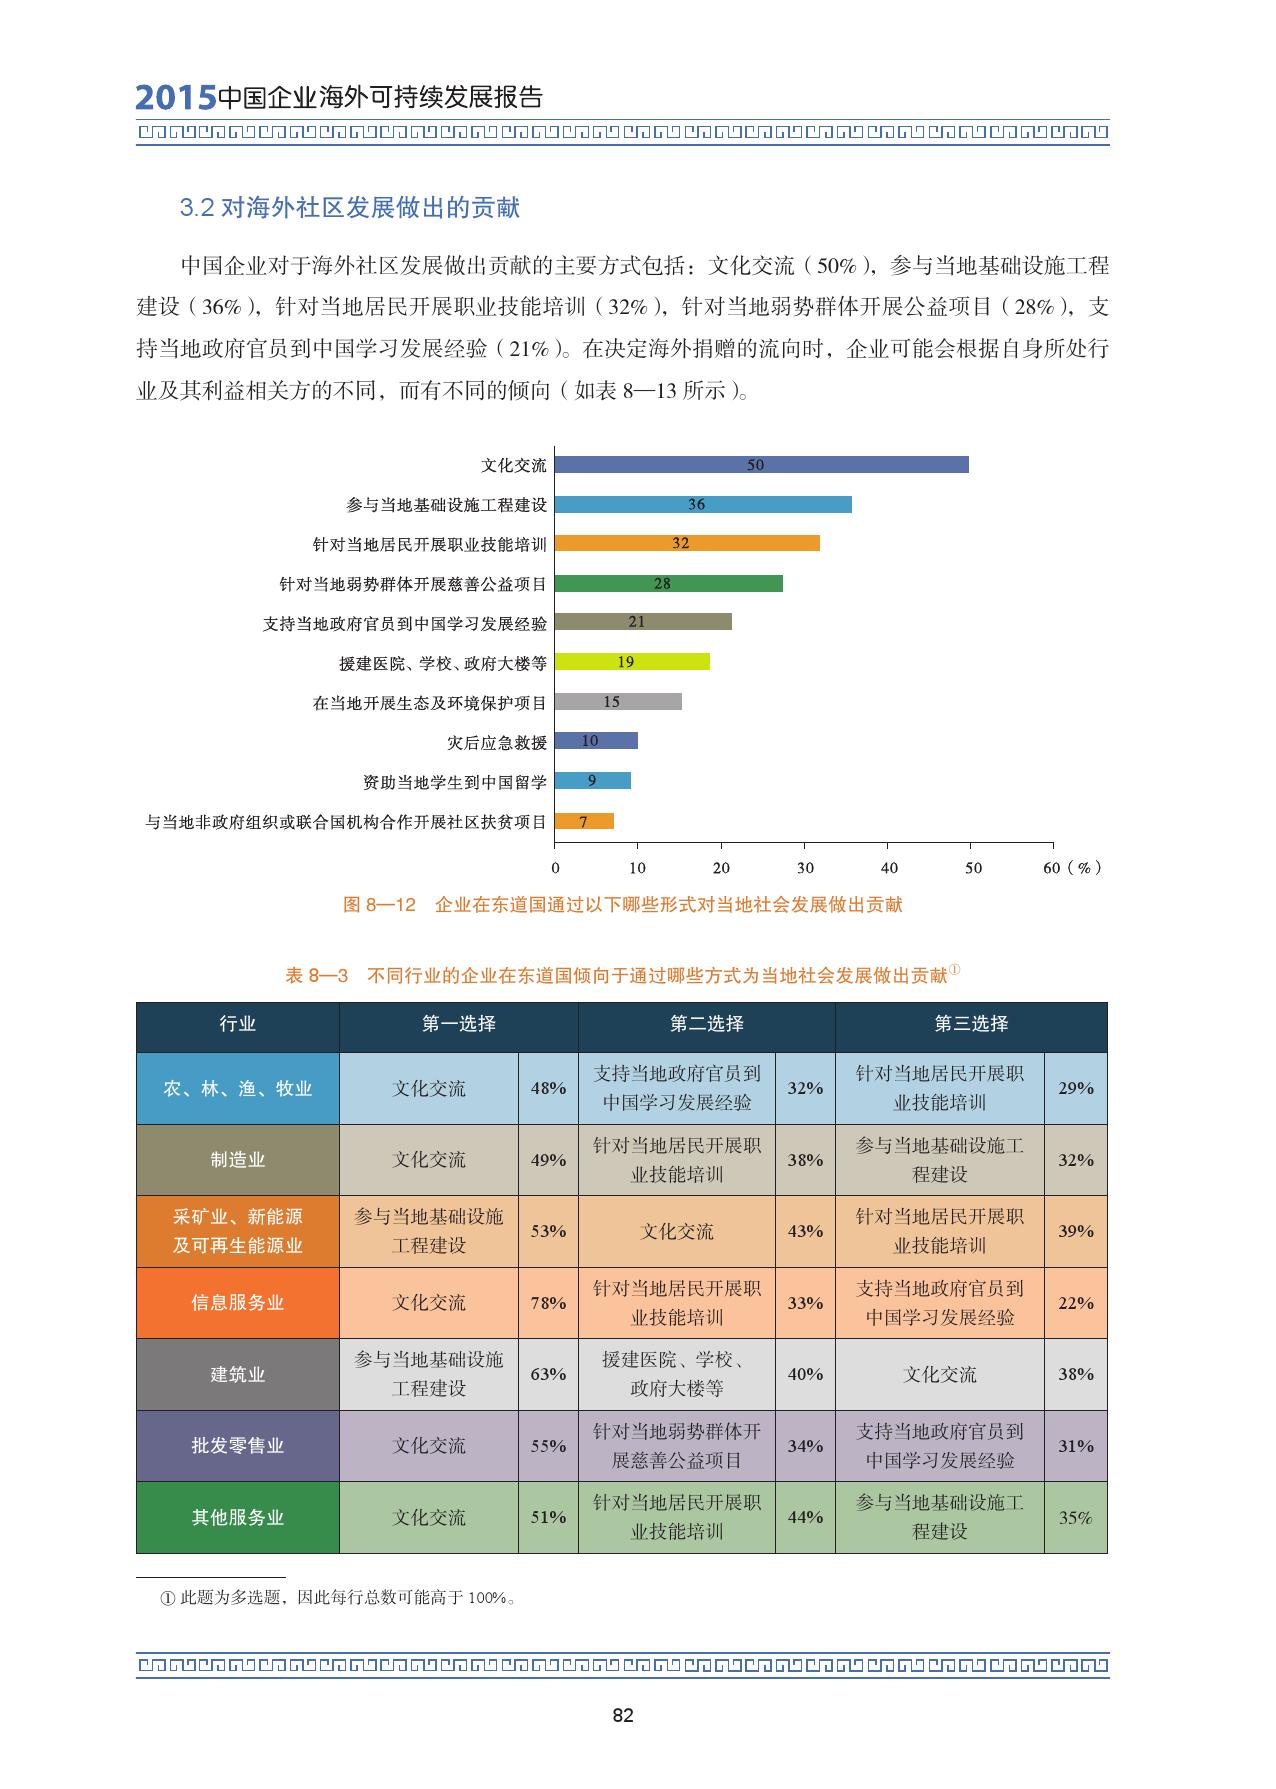 2015中国企业海外可持续发展报告_000096